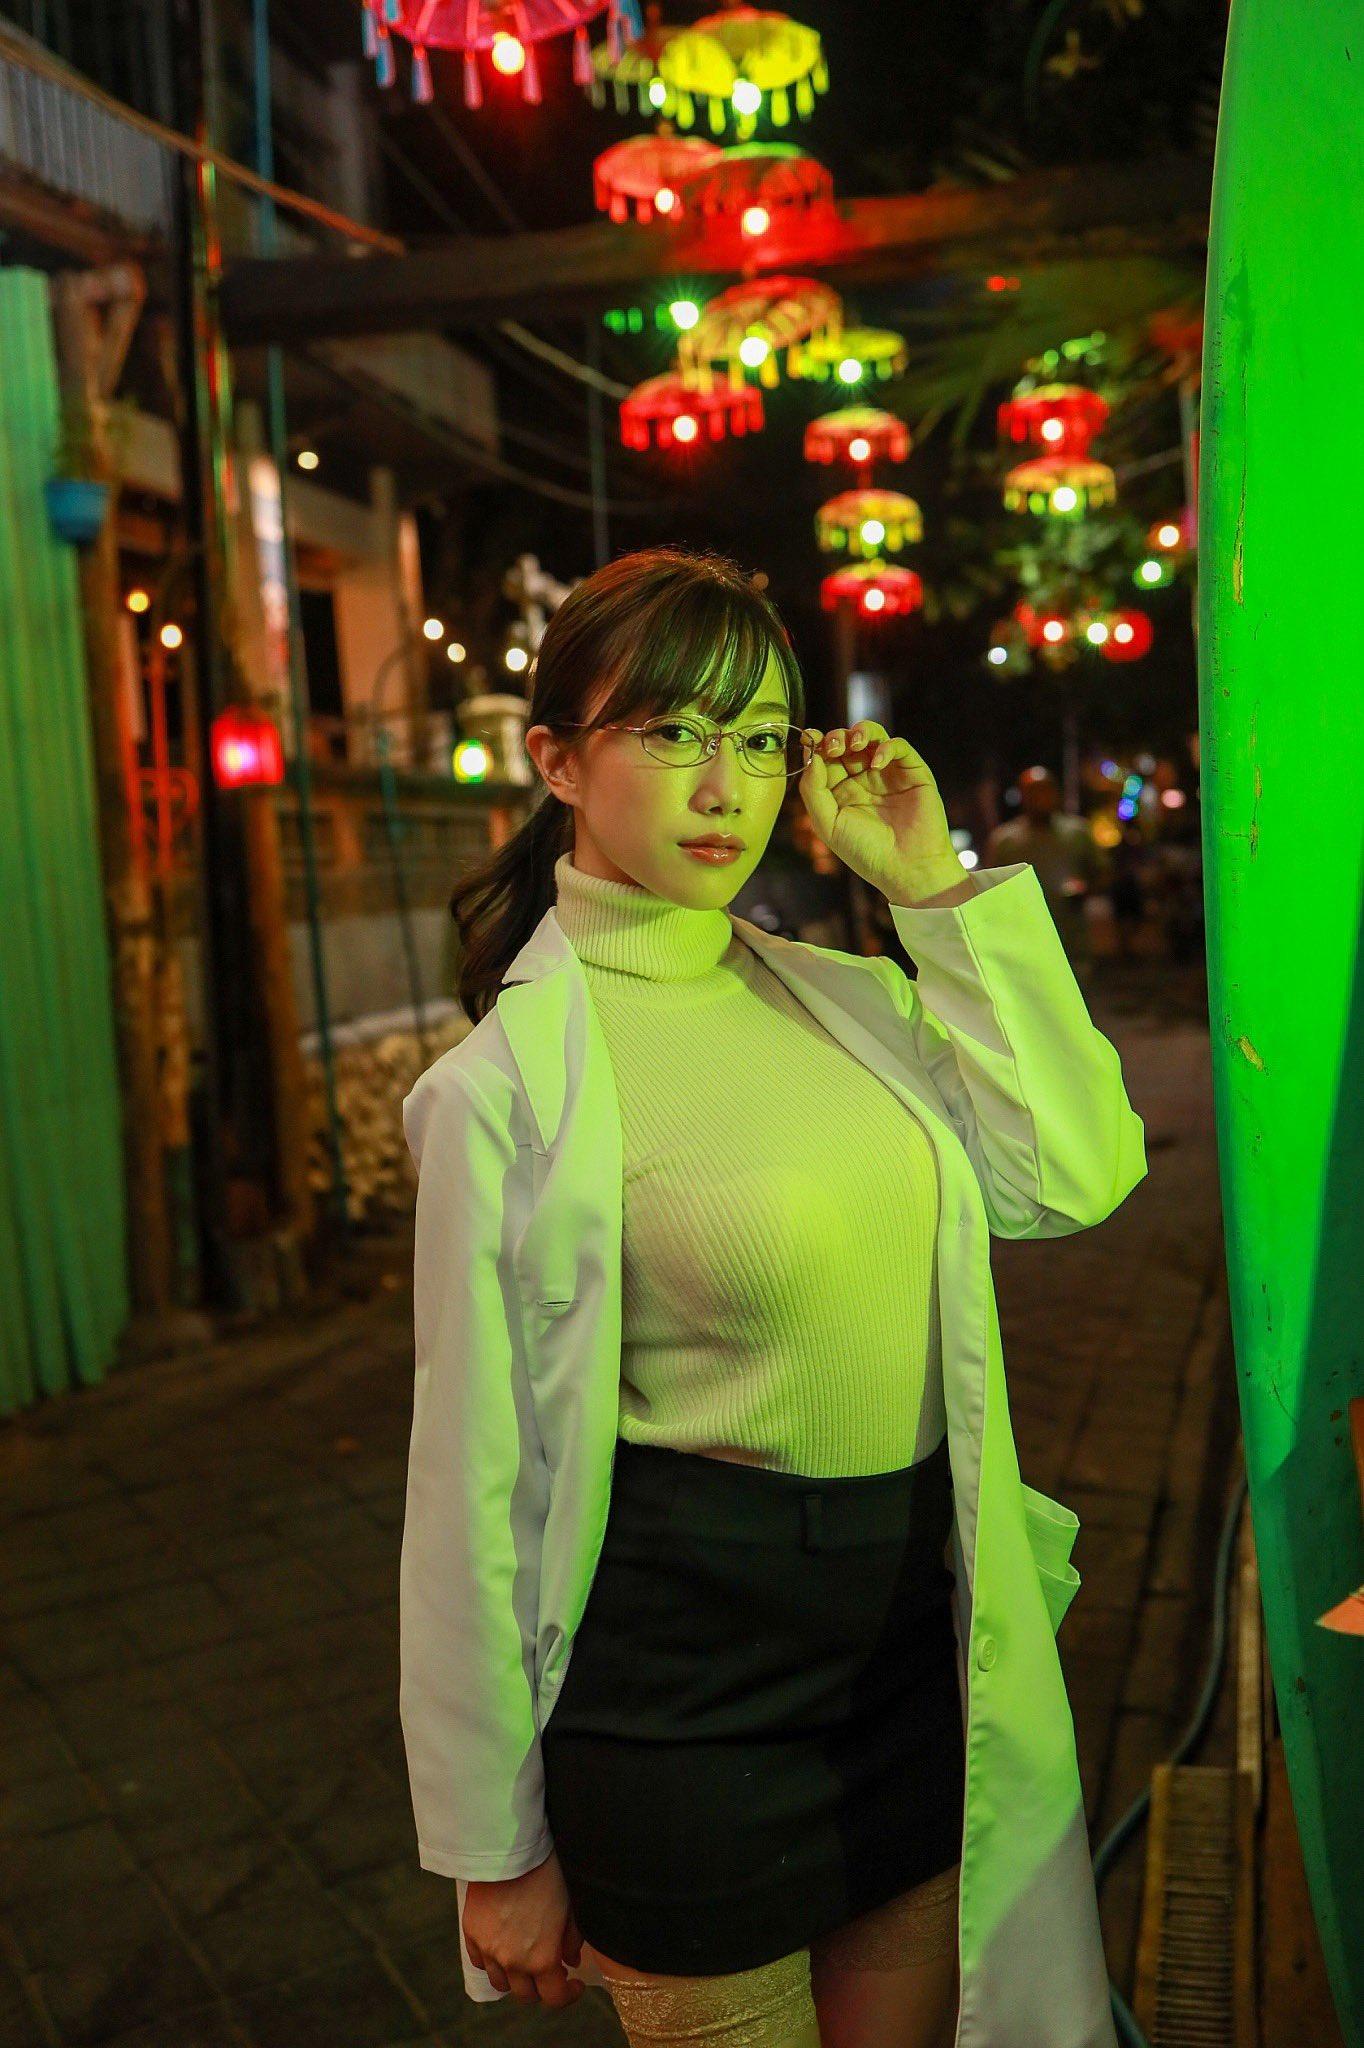 Natalia Forrest www.nataliaforrestxxx.com on Twitter